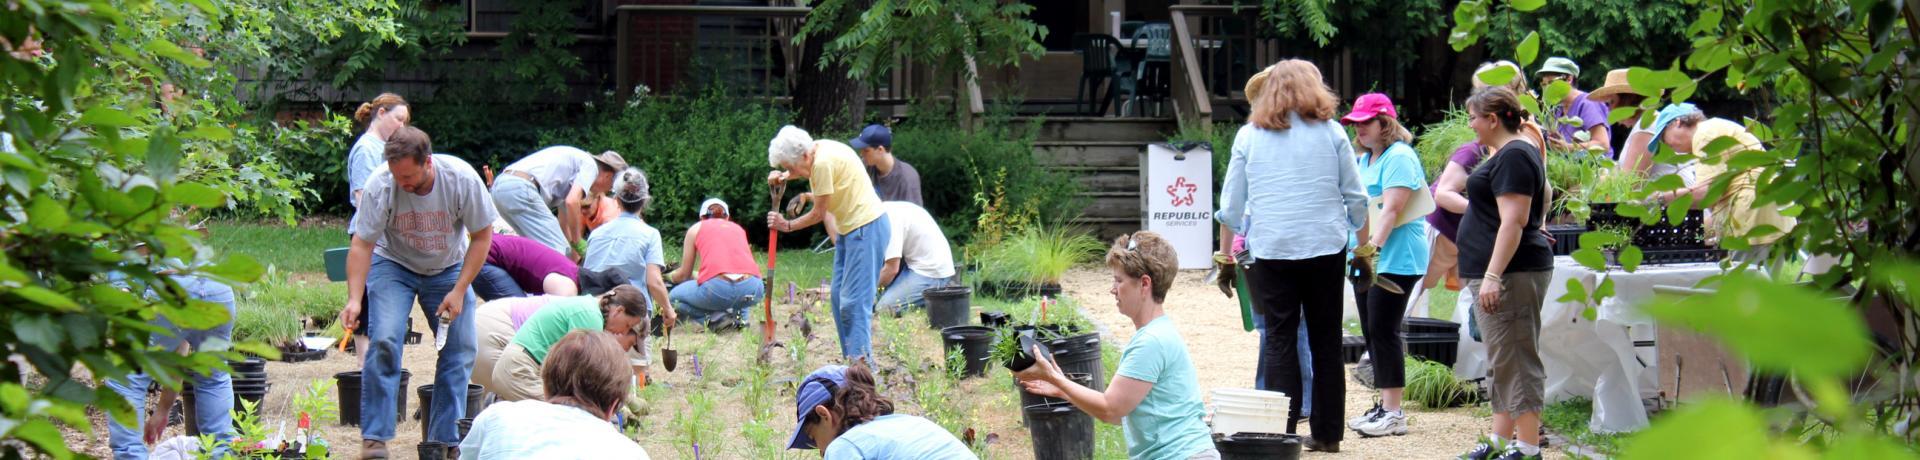 Public Engagement American Public Gardens Association